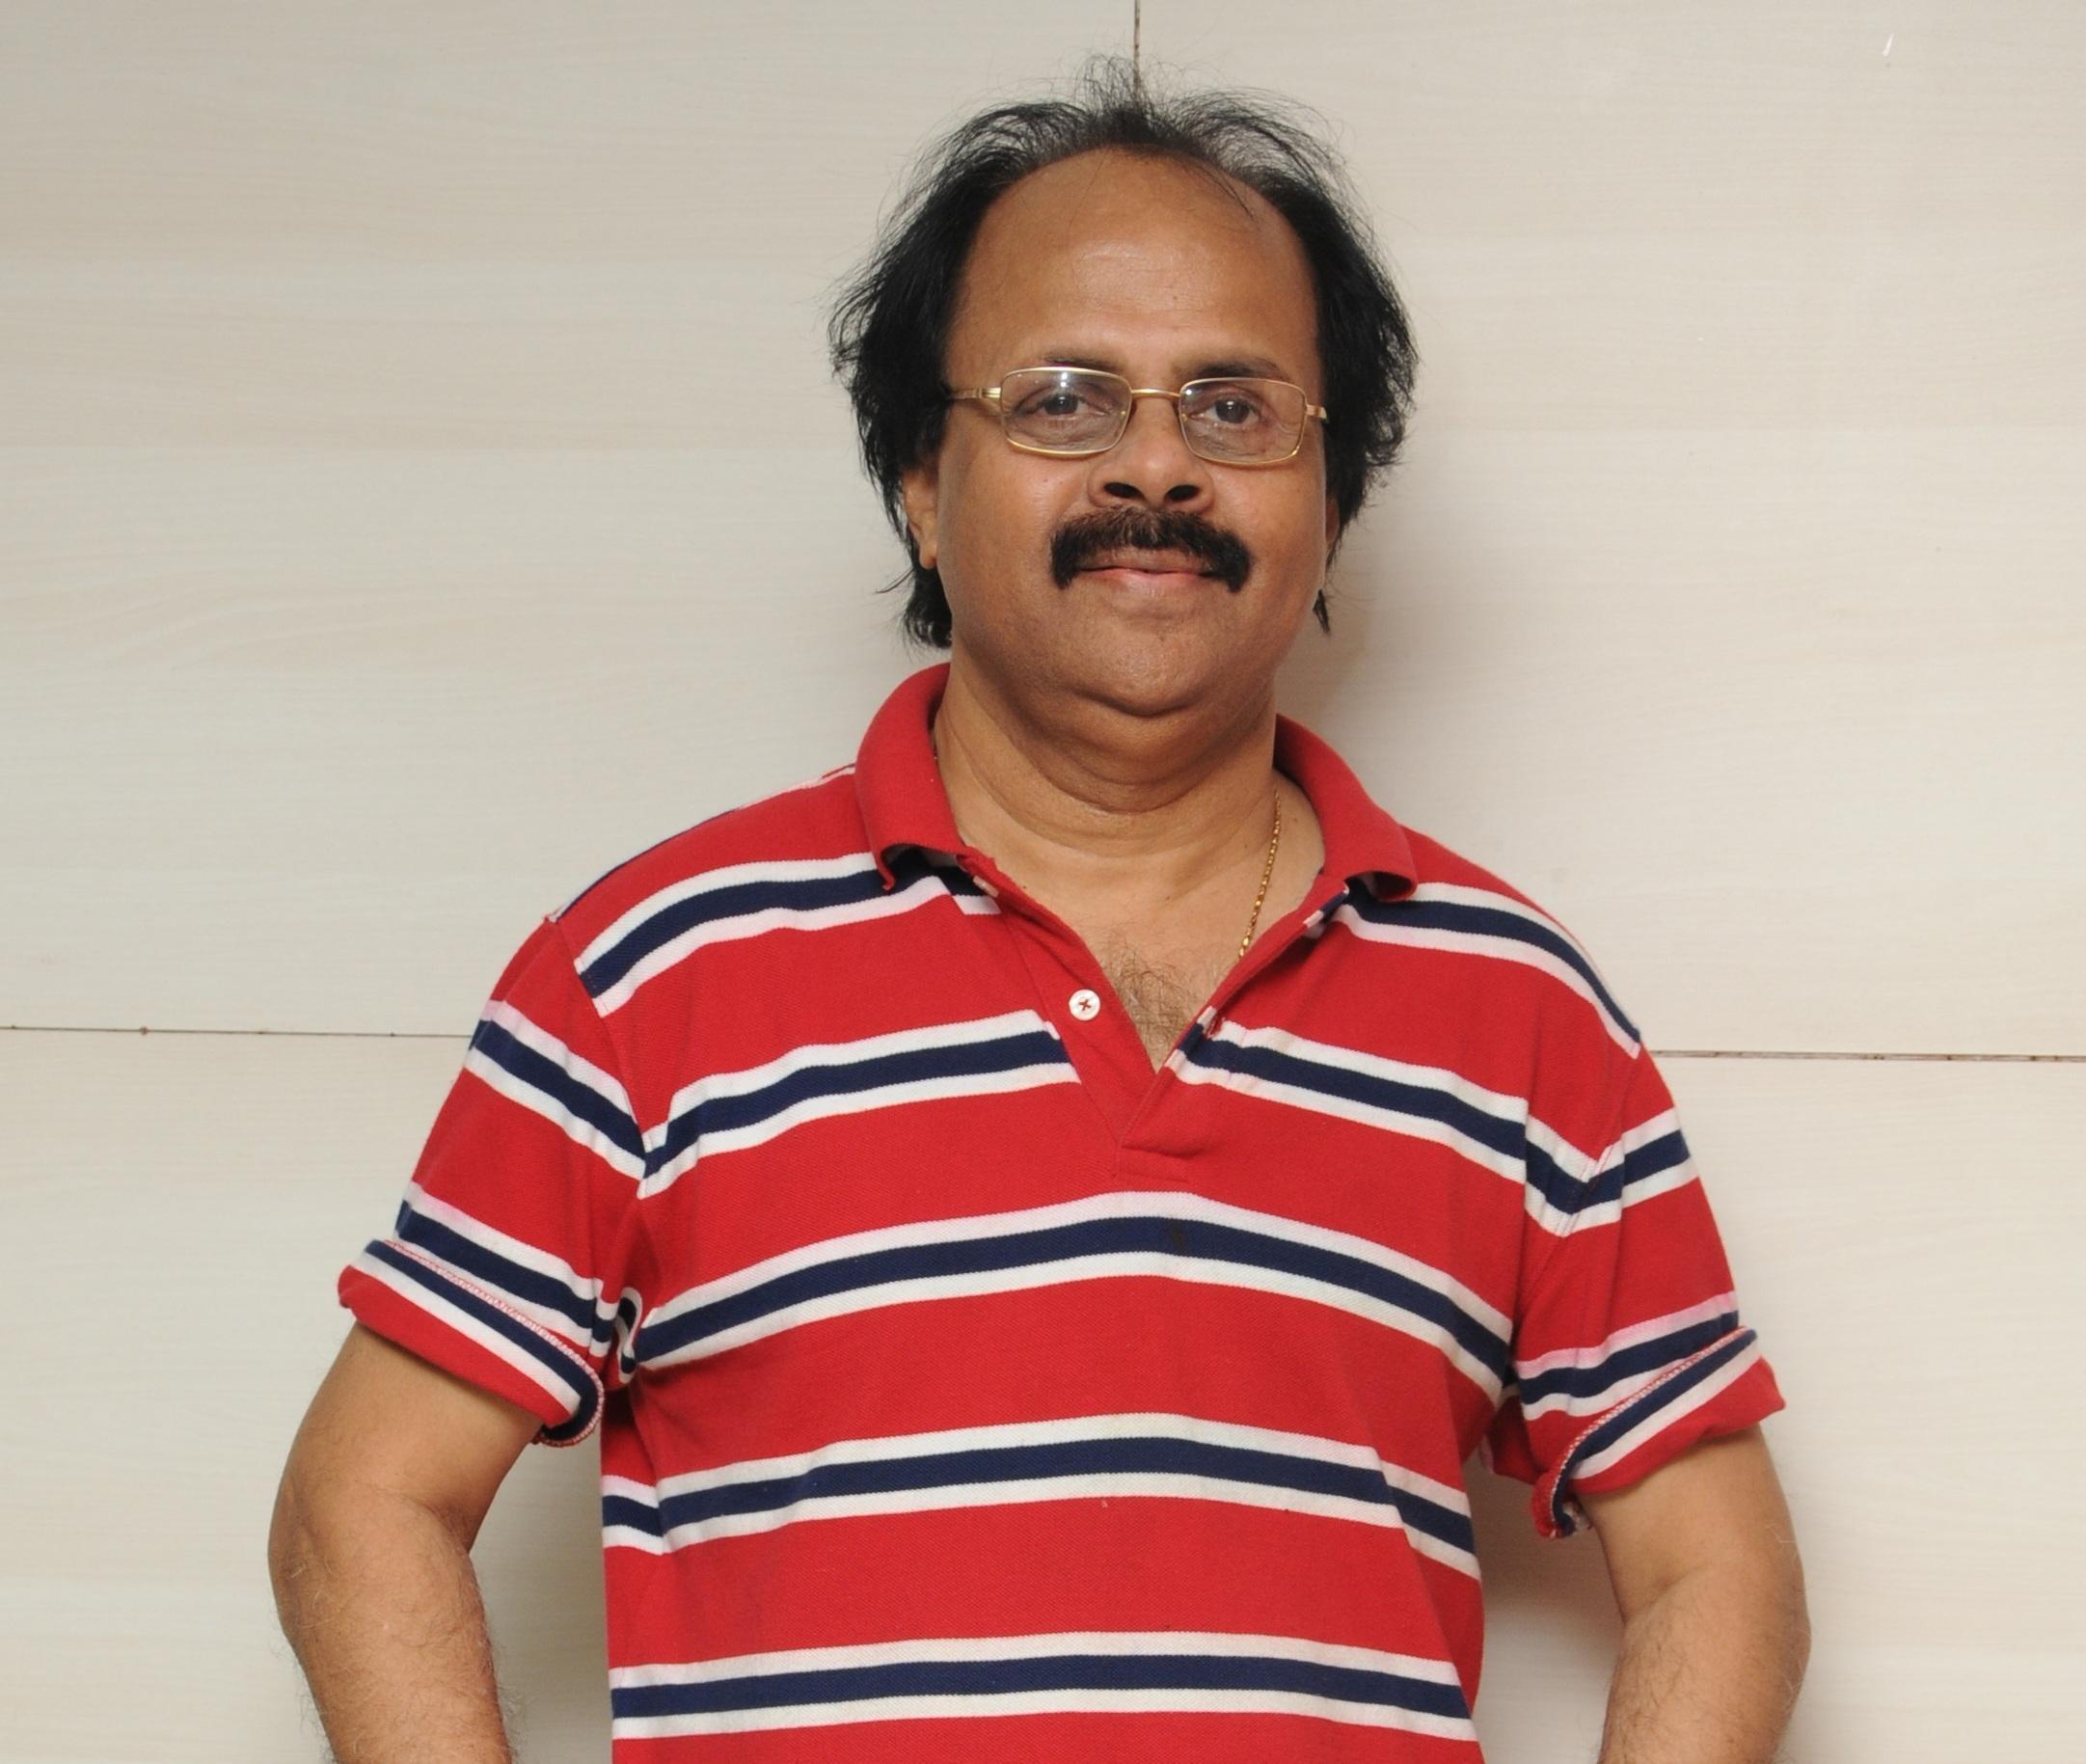 க்ரேஸி மோகன்